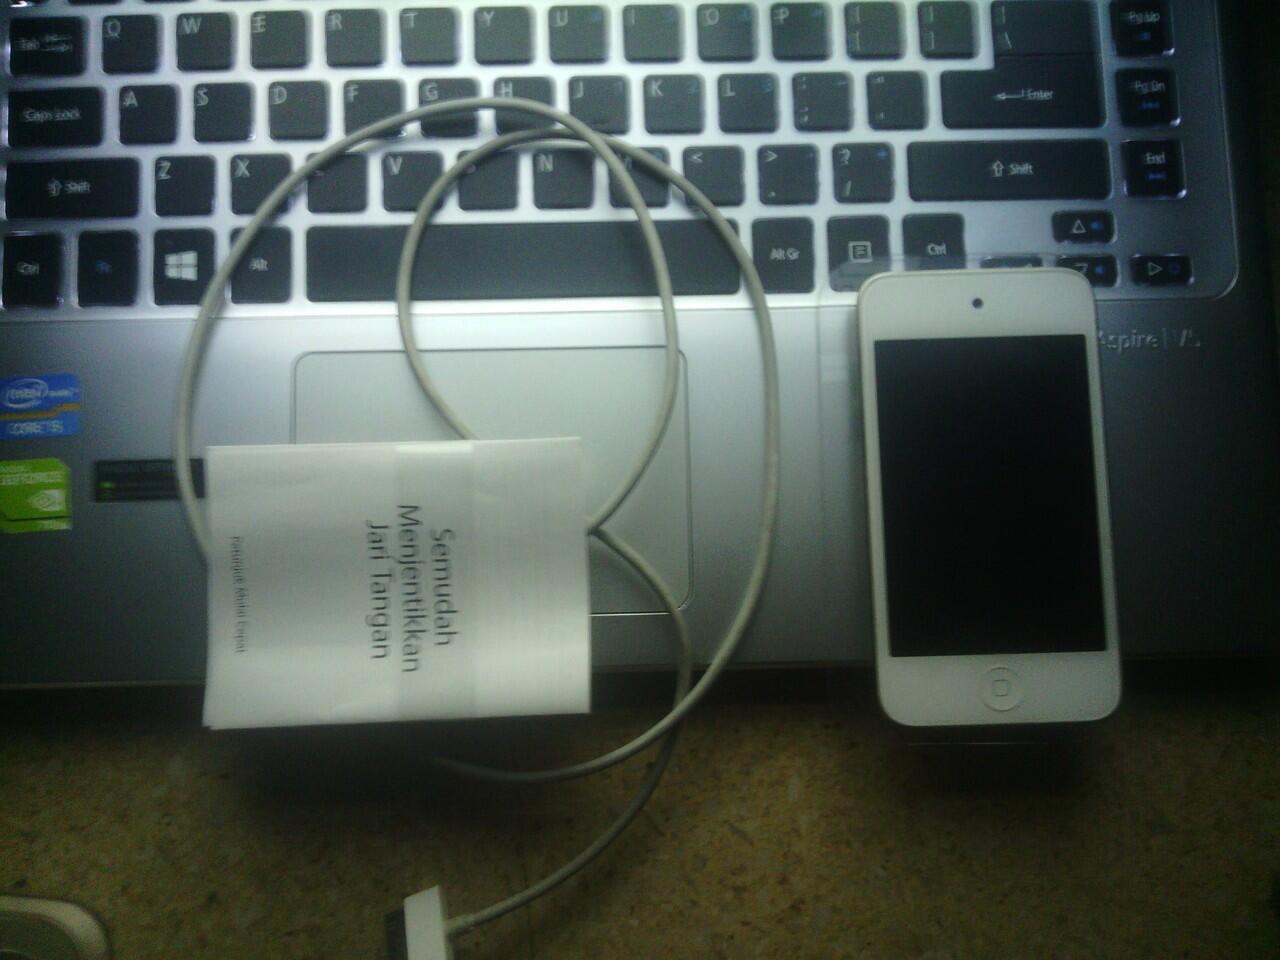 iPod gen 4 murmer abis brooooo siapa cepat dia dapet